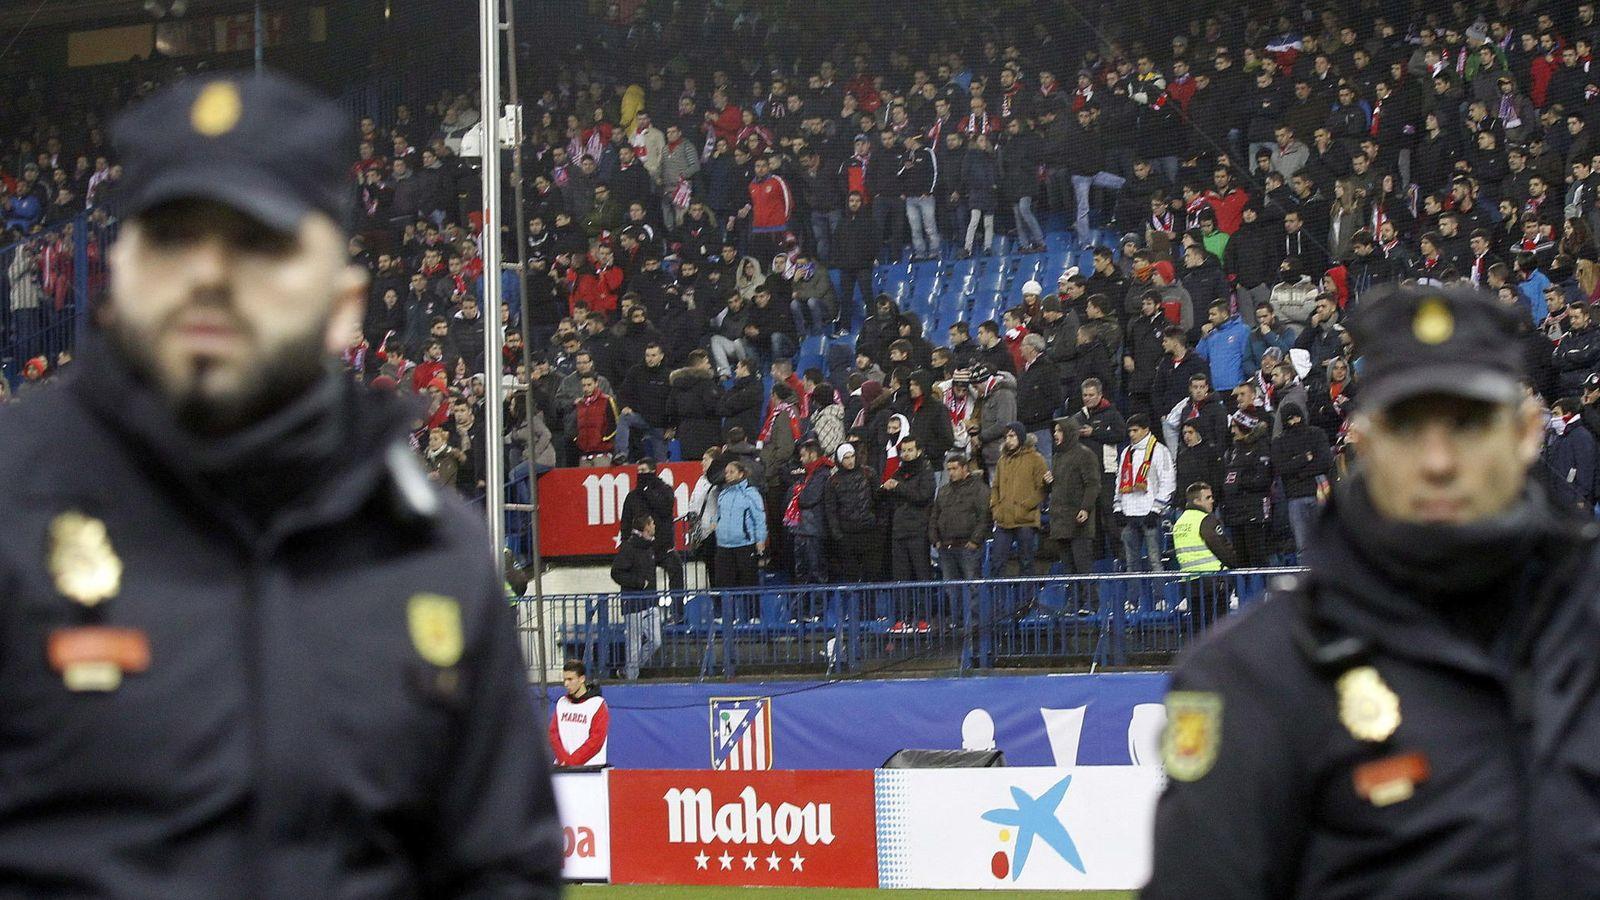 Foto: Fondo sur del estadio Vicente Calderón con la zona del Frente Atlético vacía dos semanas después de la reyerta de parte de sus miembros con los ultras del Dépor. (EFE)